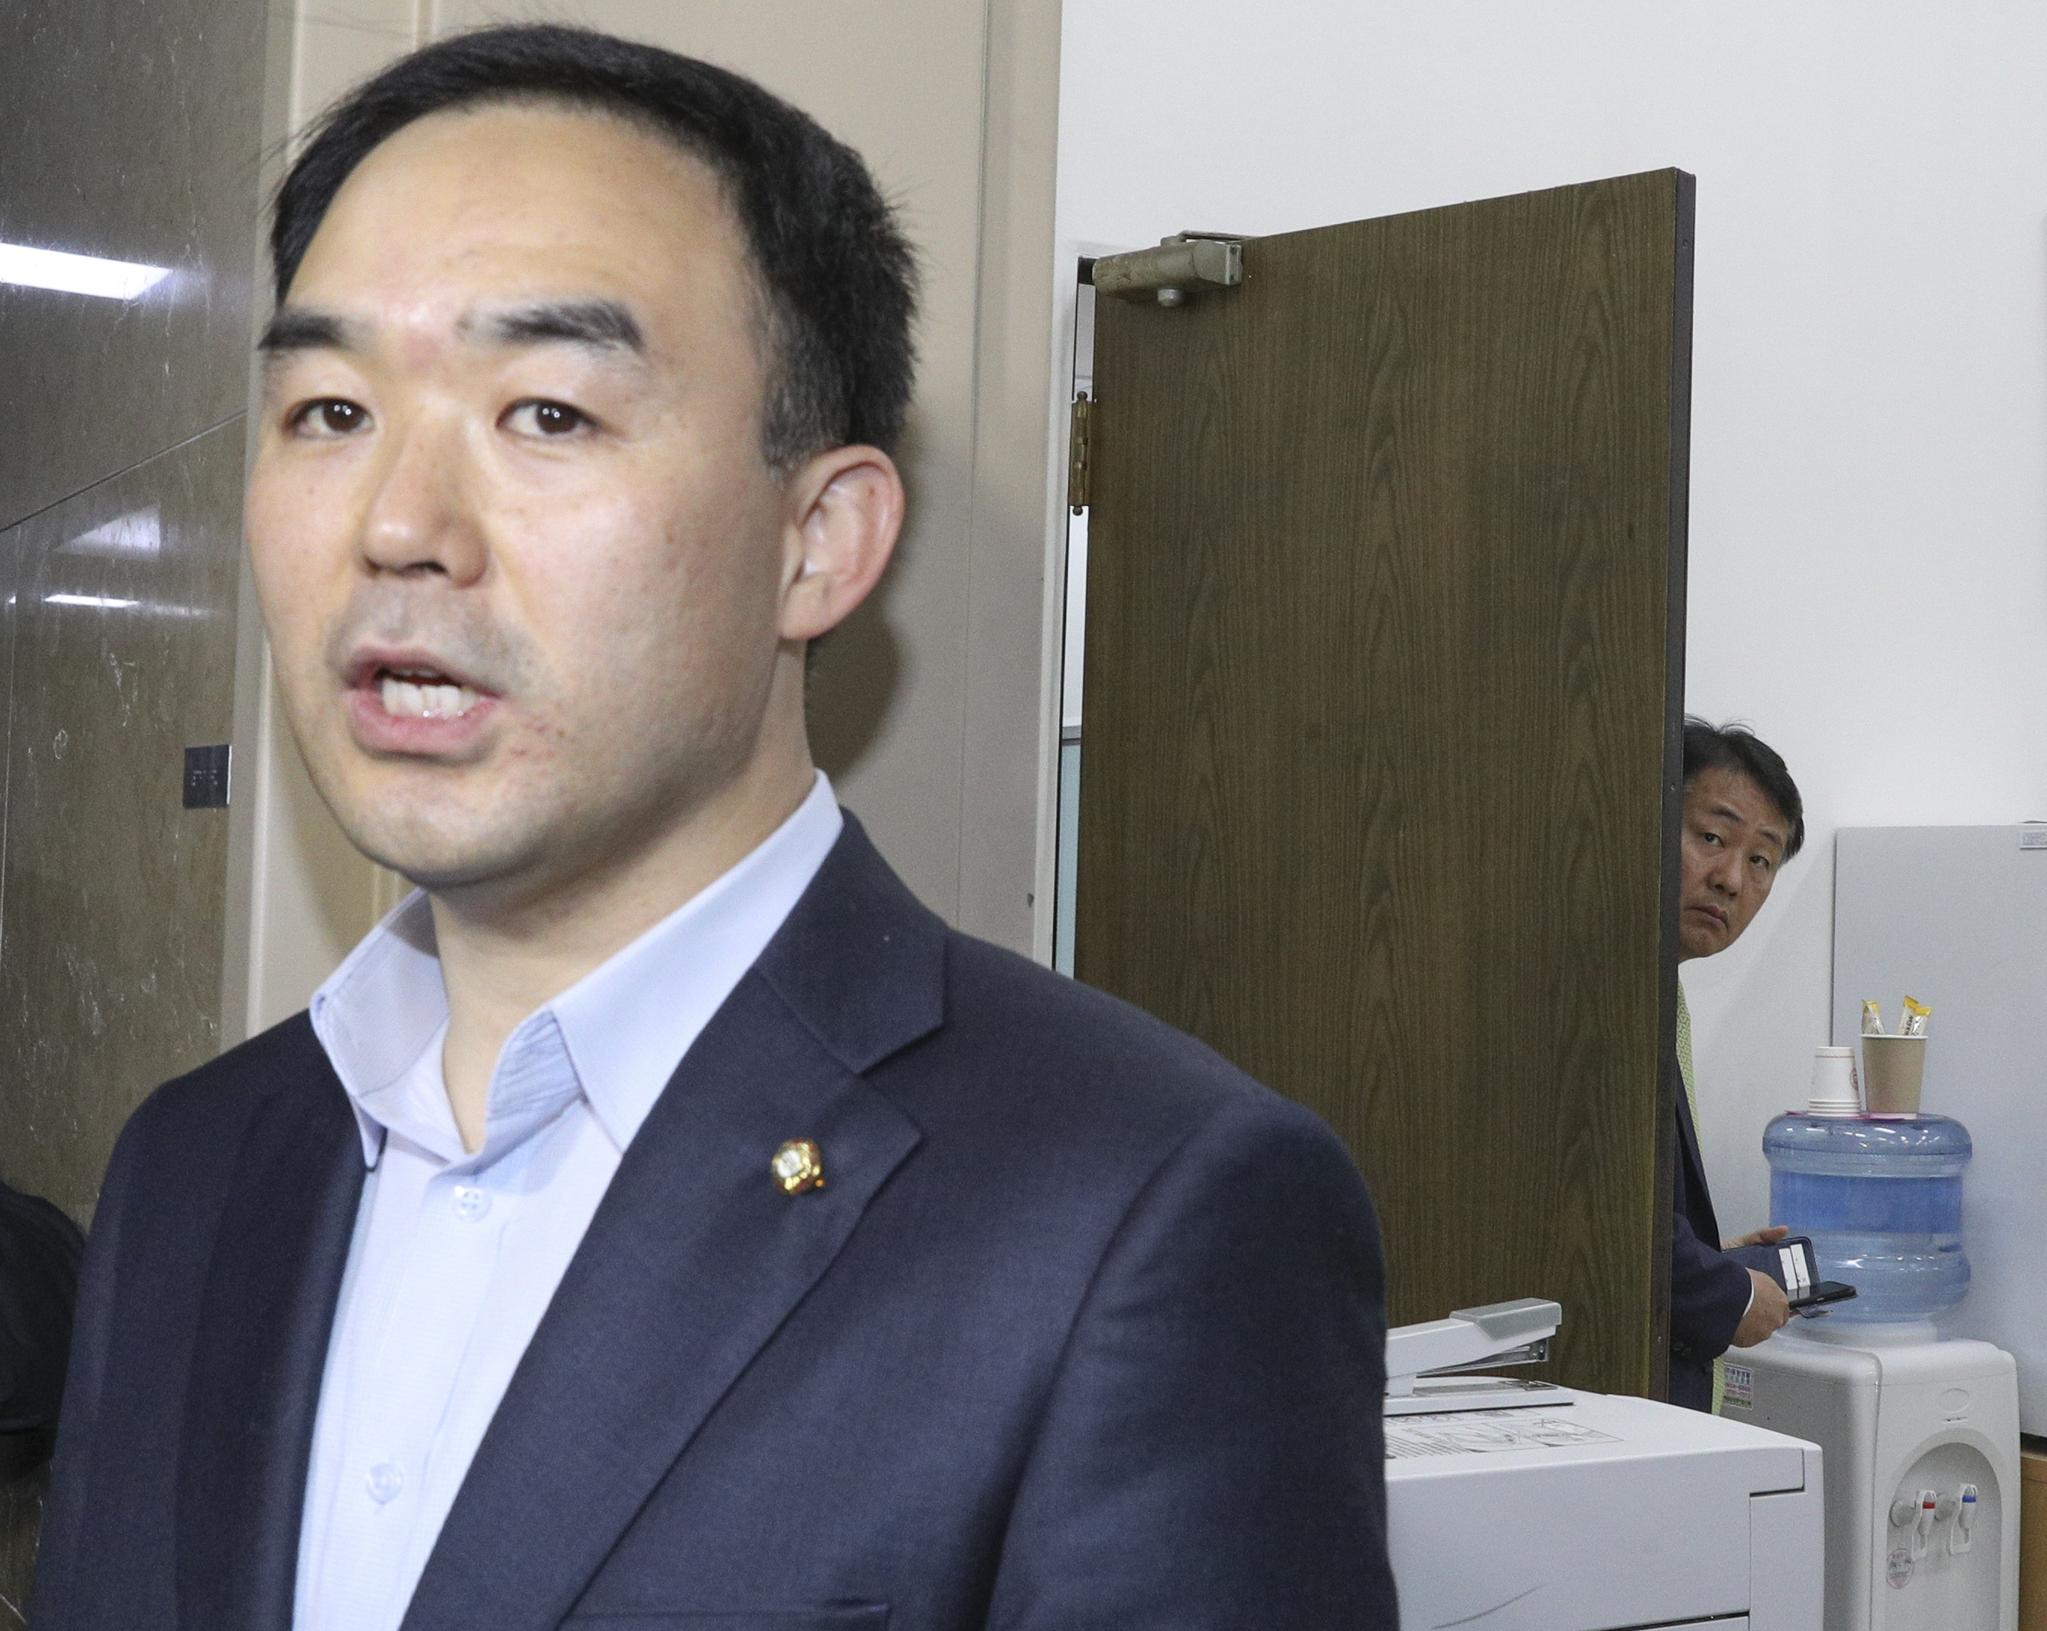 바른미래당 김관영 원내대표가 25일 국회 운영위원장실 문 뒤에서 채이배 의원의 발언을 듣고 있다. 임현동 기자